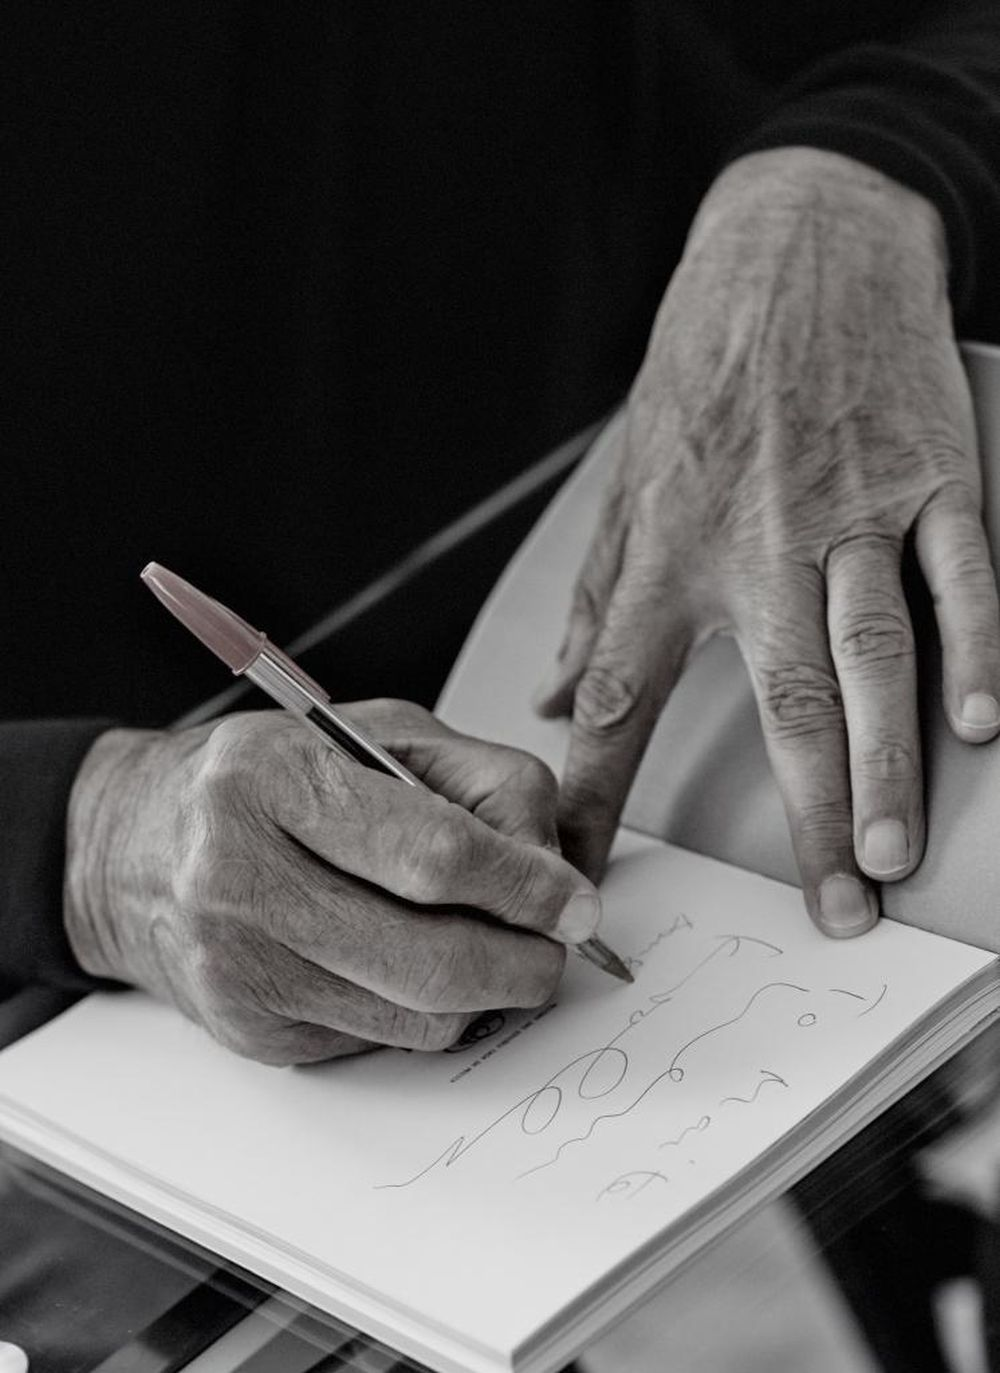 Las sabias manos de alguien que ha vivido varias décadas.